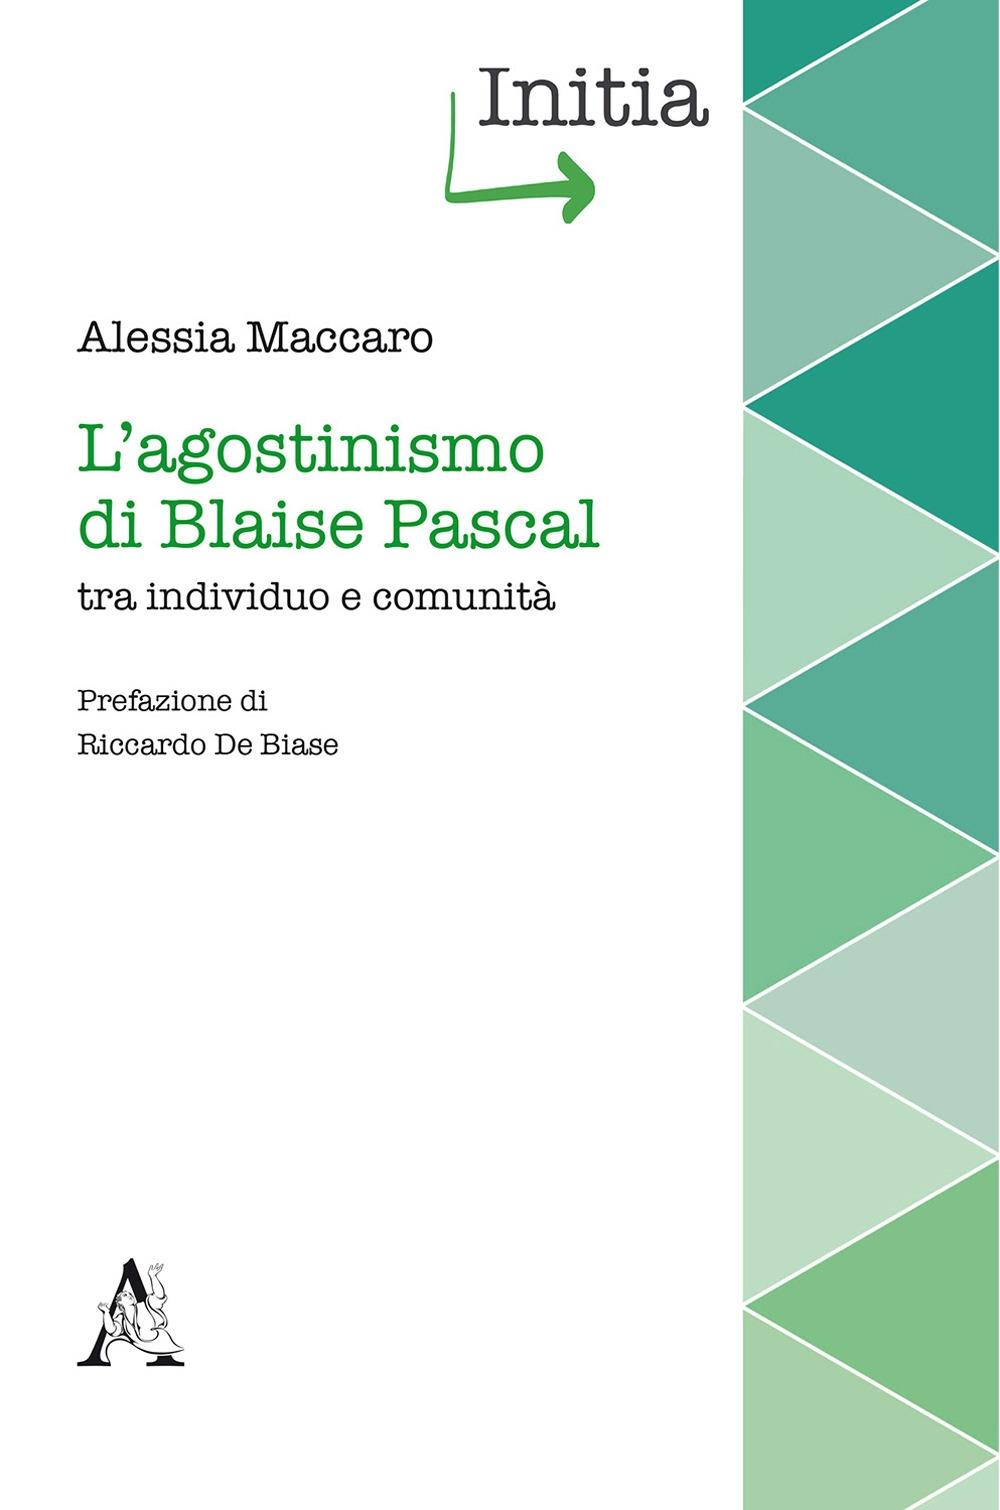 L'agostinismo di Blaise Pascal tra individuo e comunità